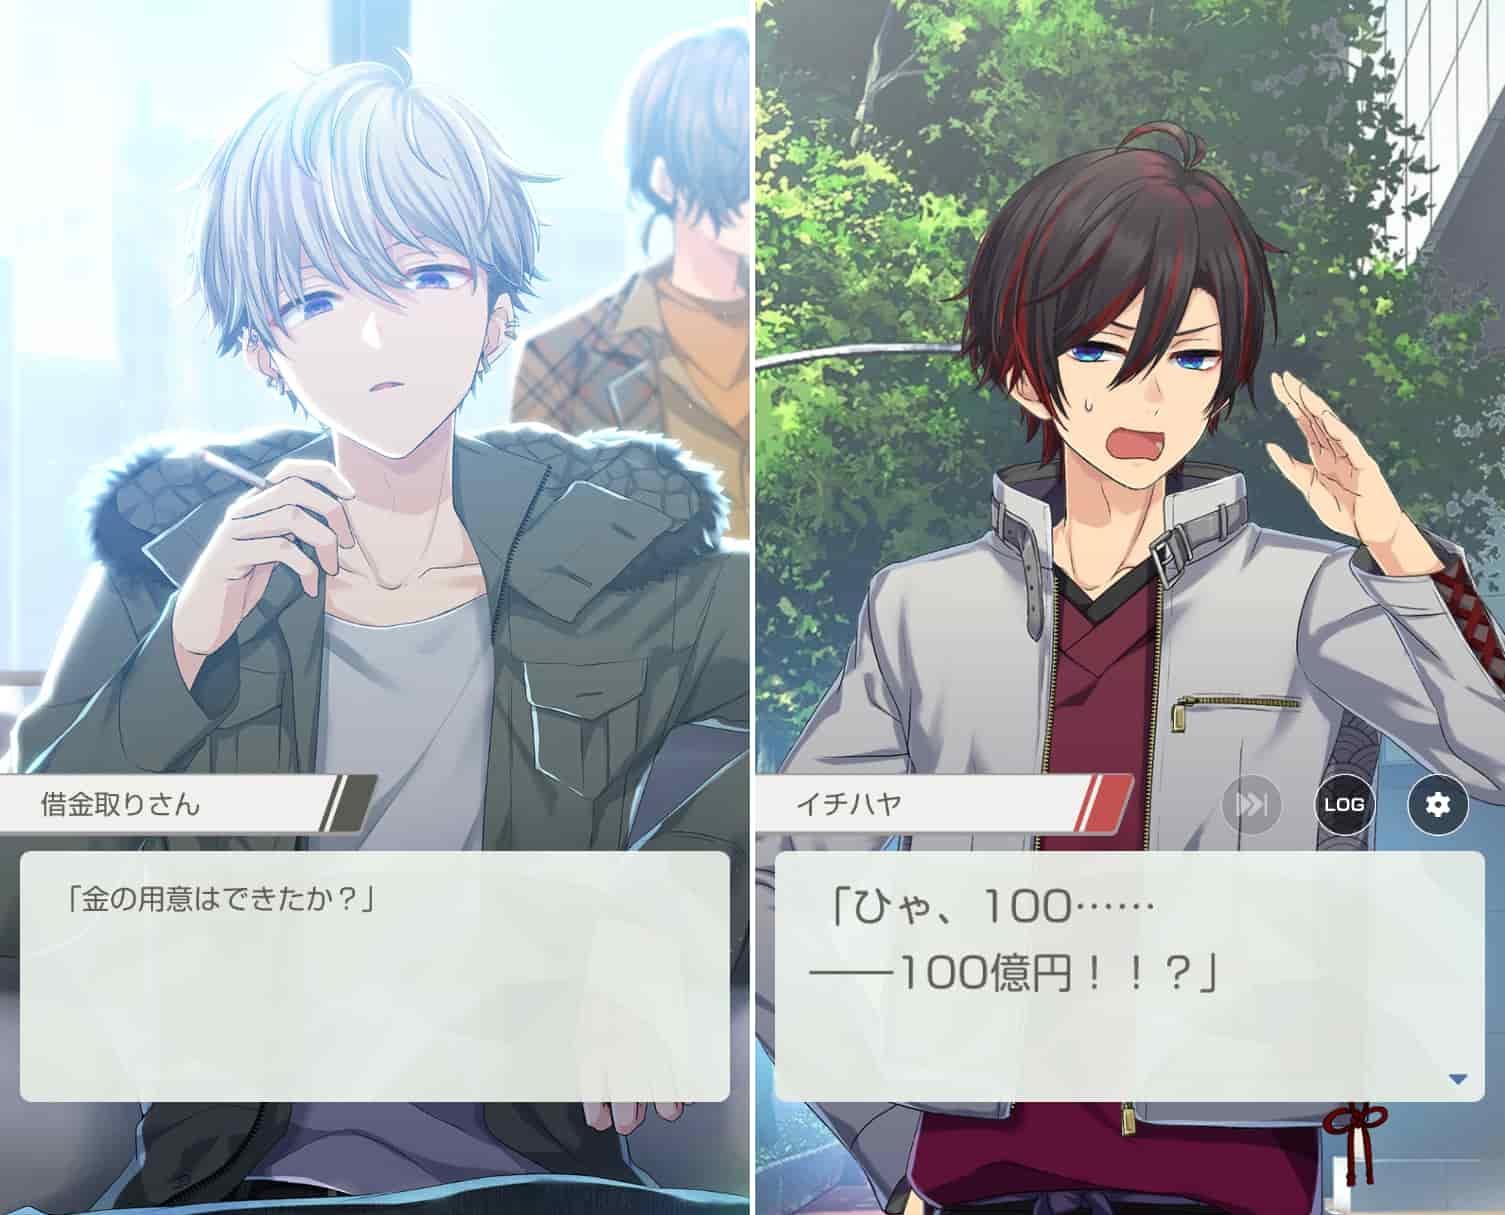 甘やかされながら100億円を返済する放置系恋愛ゲーム!